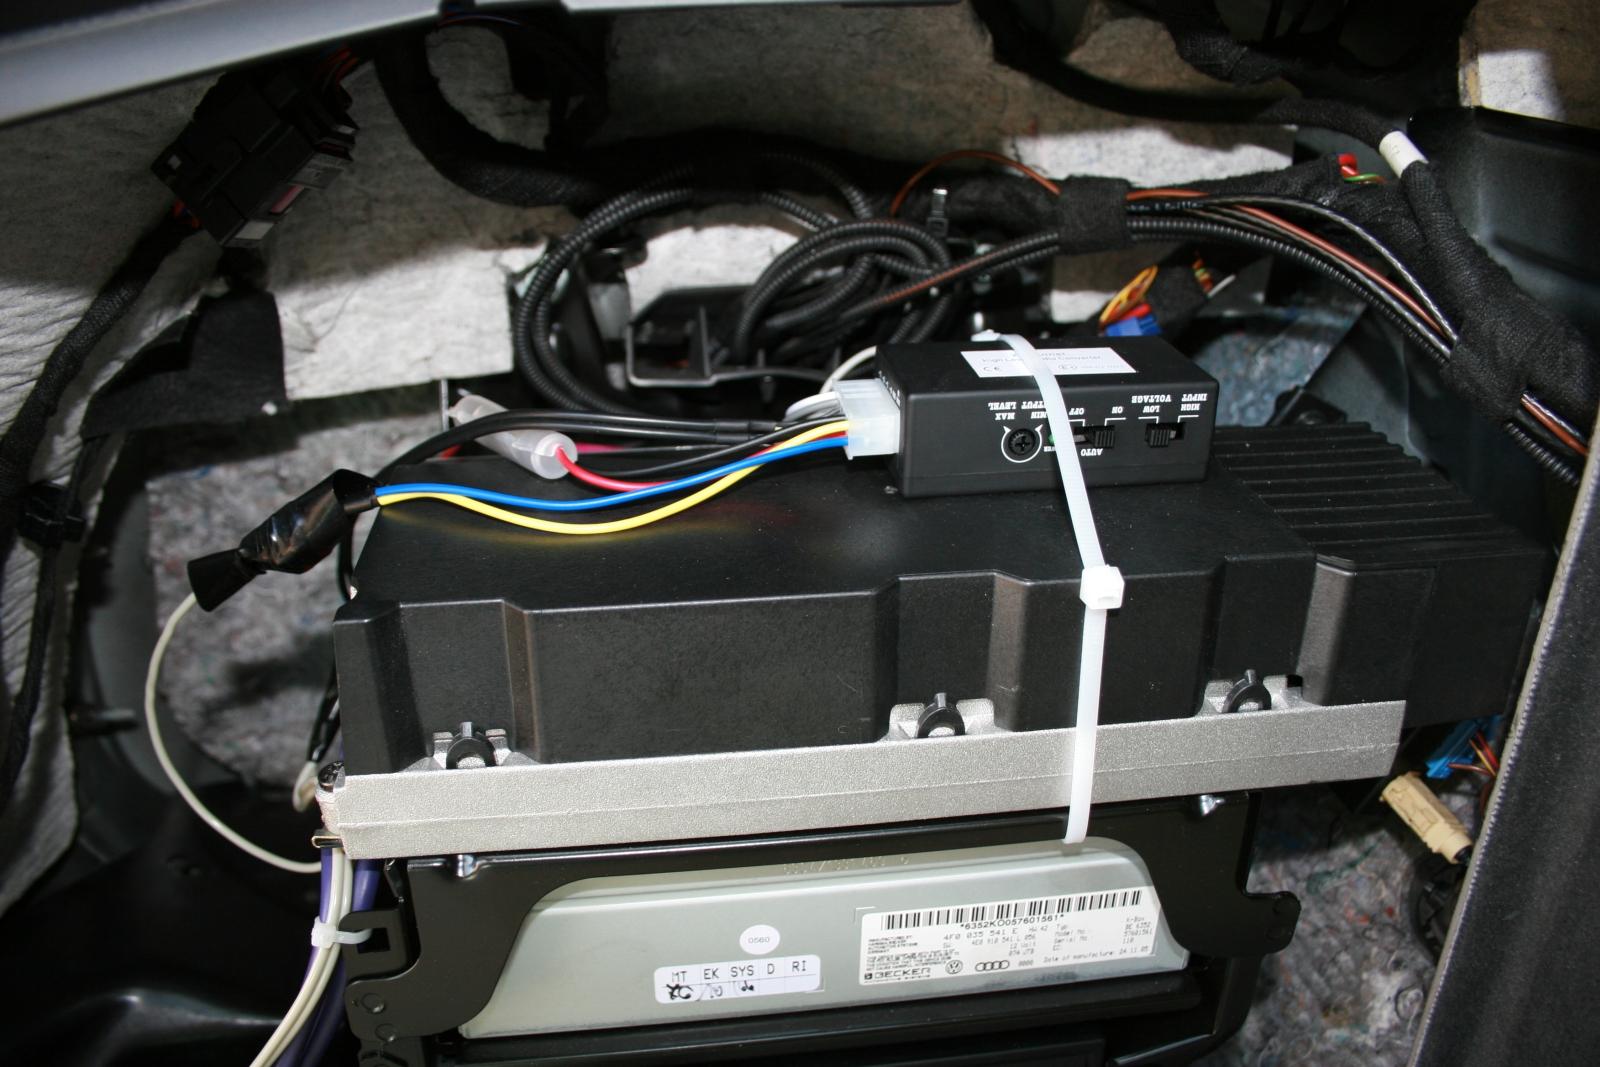 Audi A6 4f Wiring Diagram Photosynthesis And Cellular Respiration Venn Wunderbar 2005 Schaltplan Bilder Der